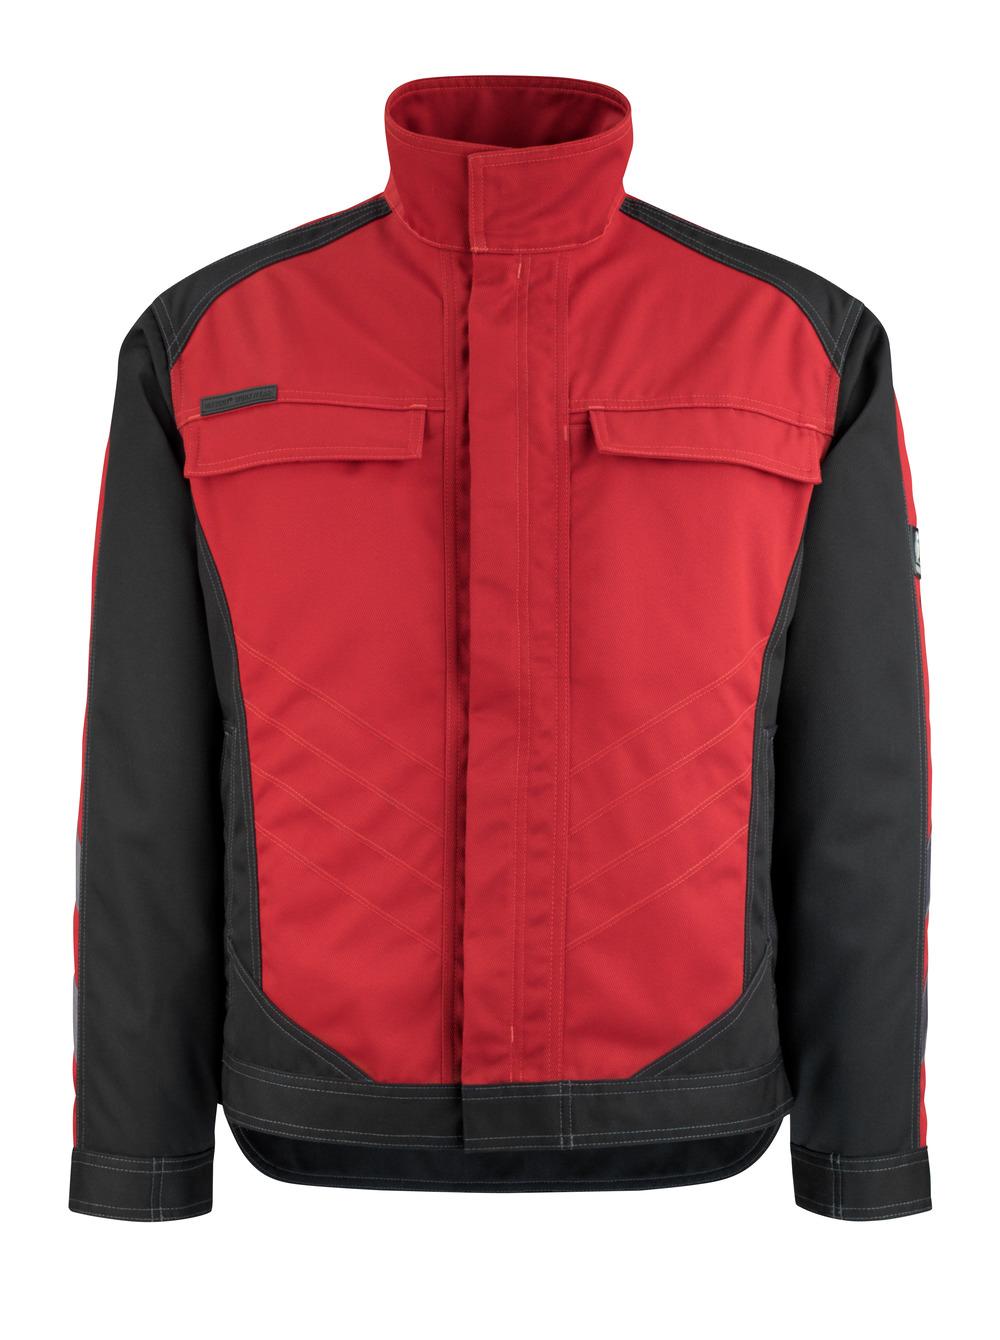 12009-203-0209 Takki - punainen/musta